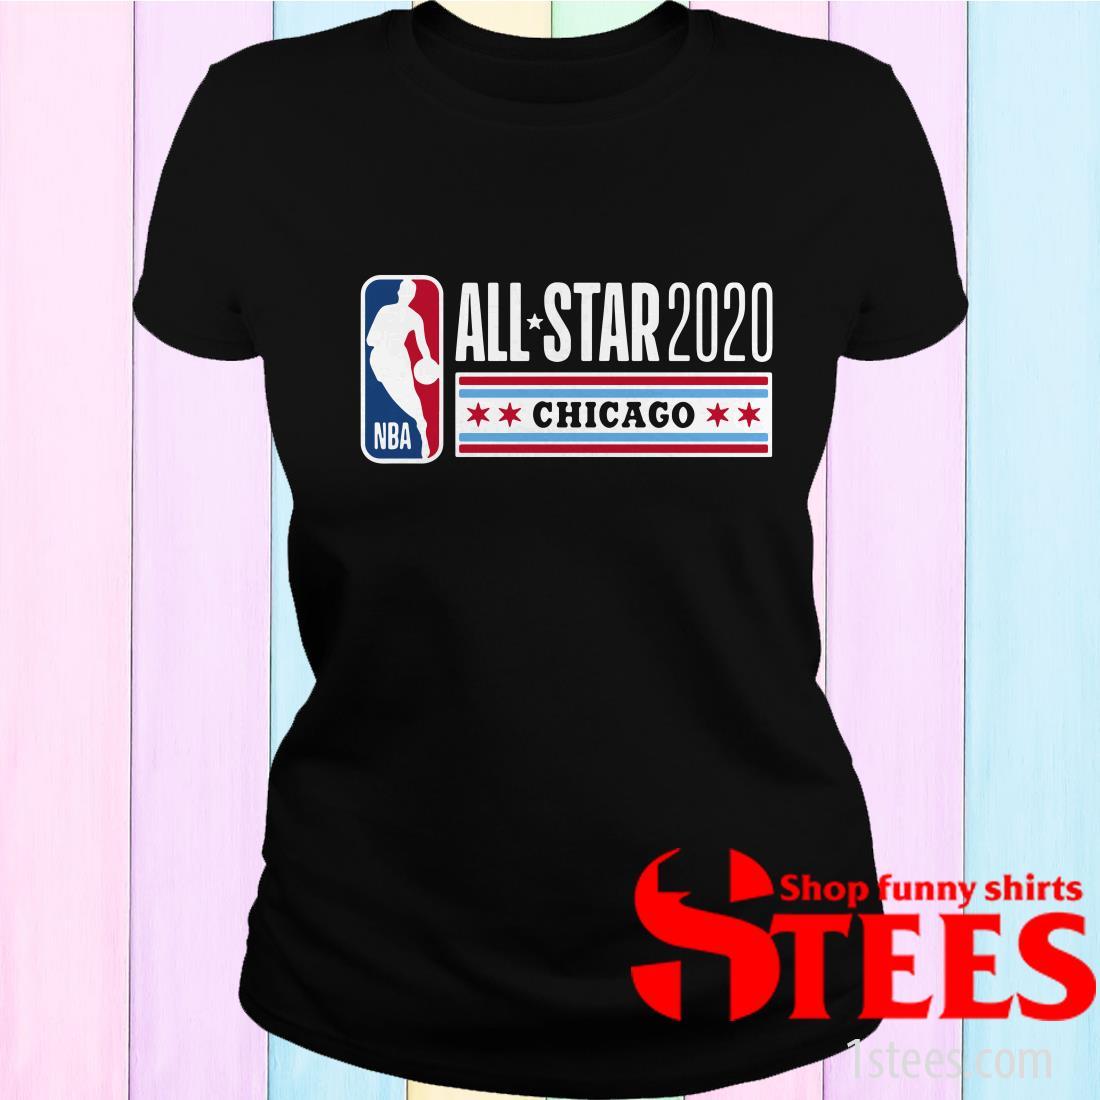 Since a2020 Nba All Star Game Super Tee ShirtAlpha Sigma Tau 1899 Shirt